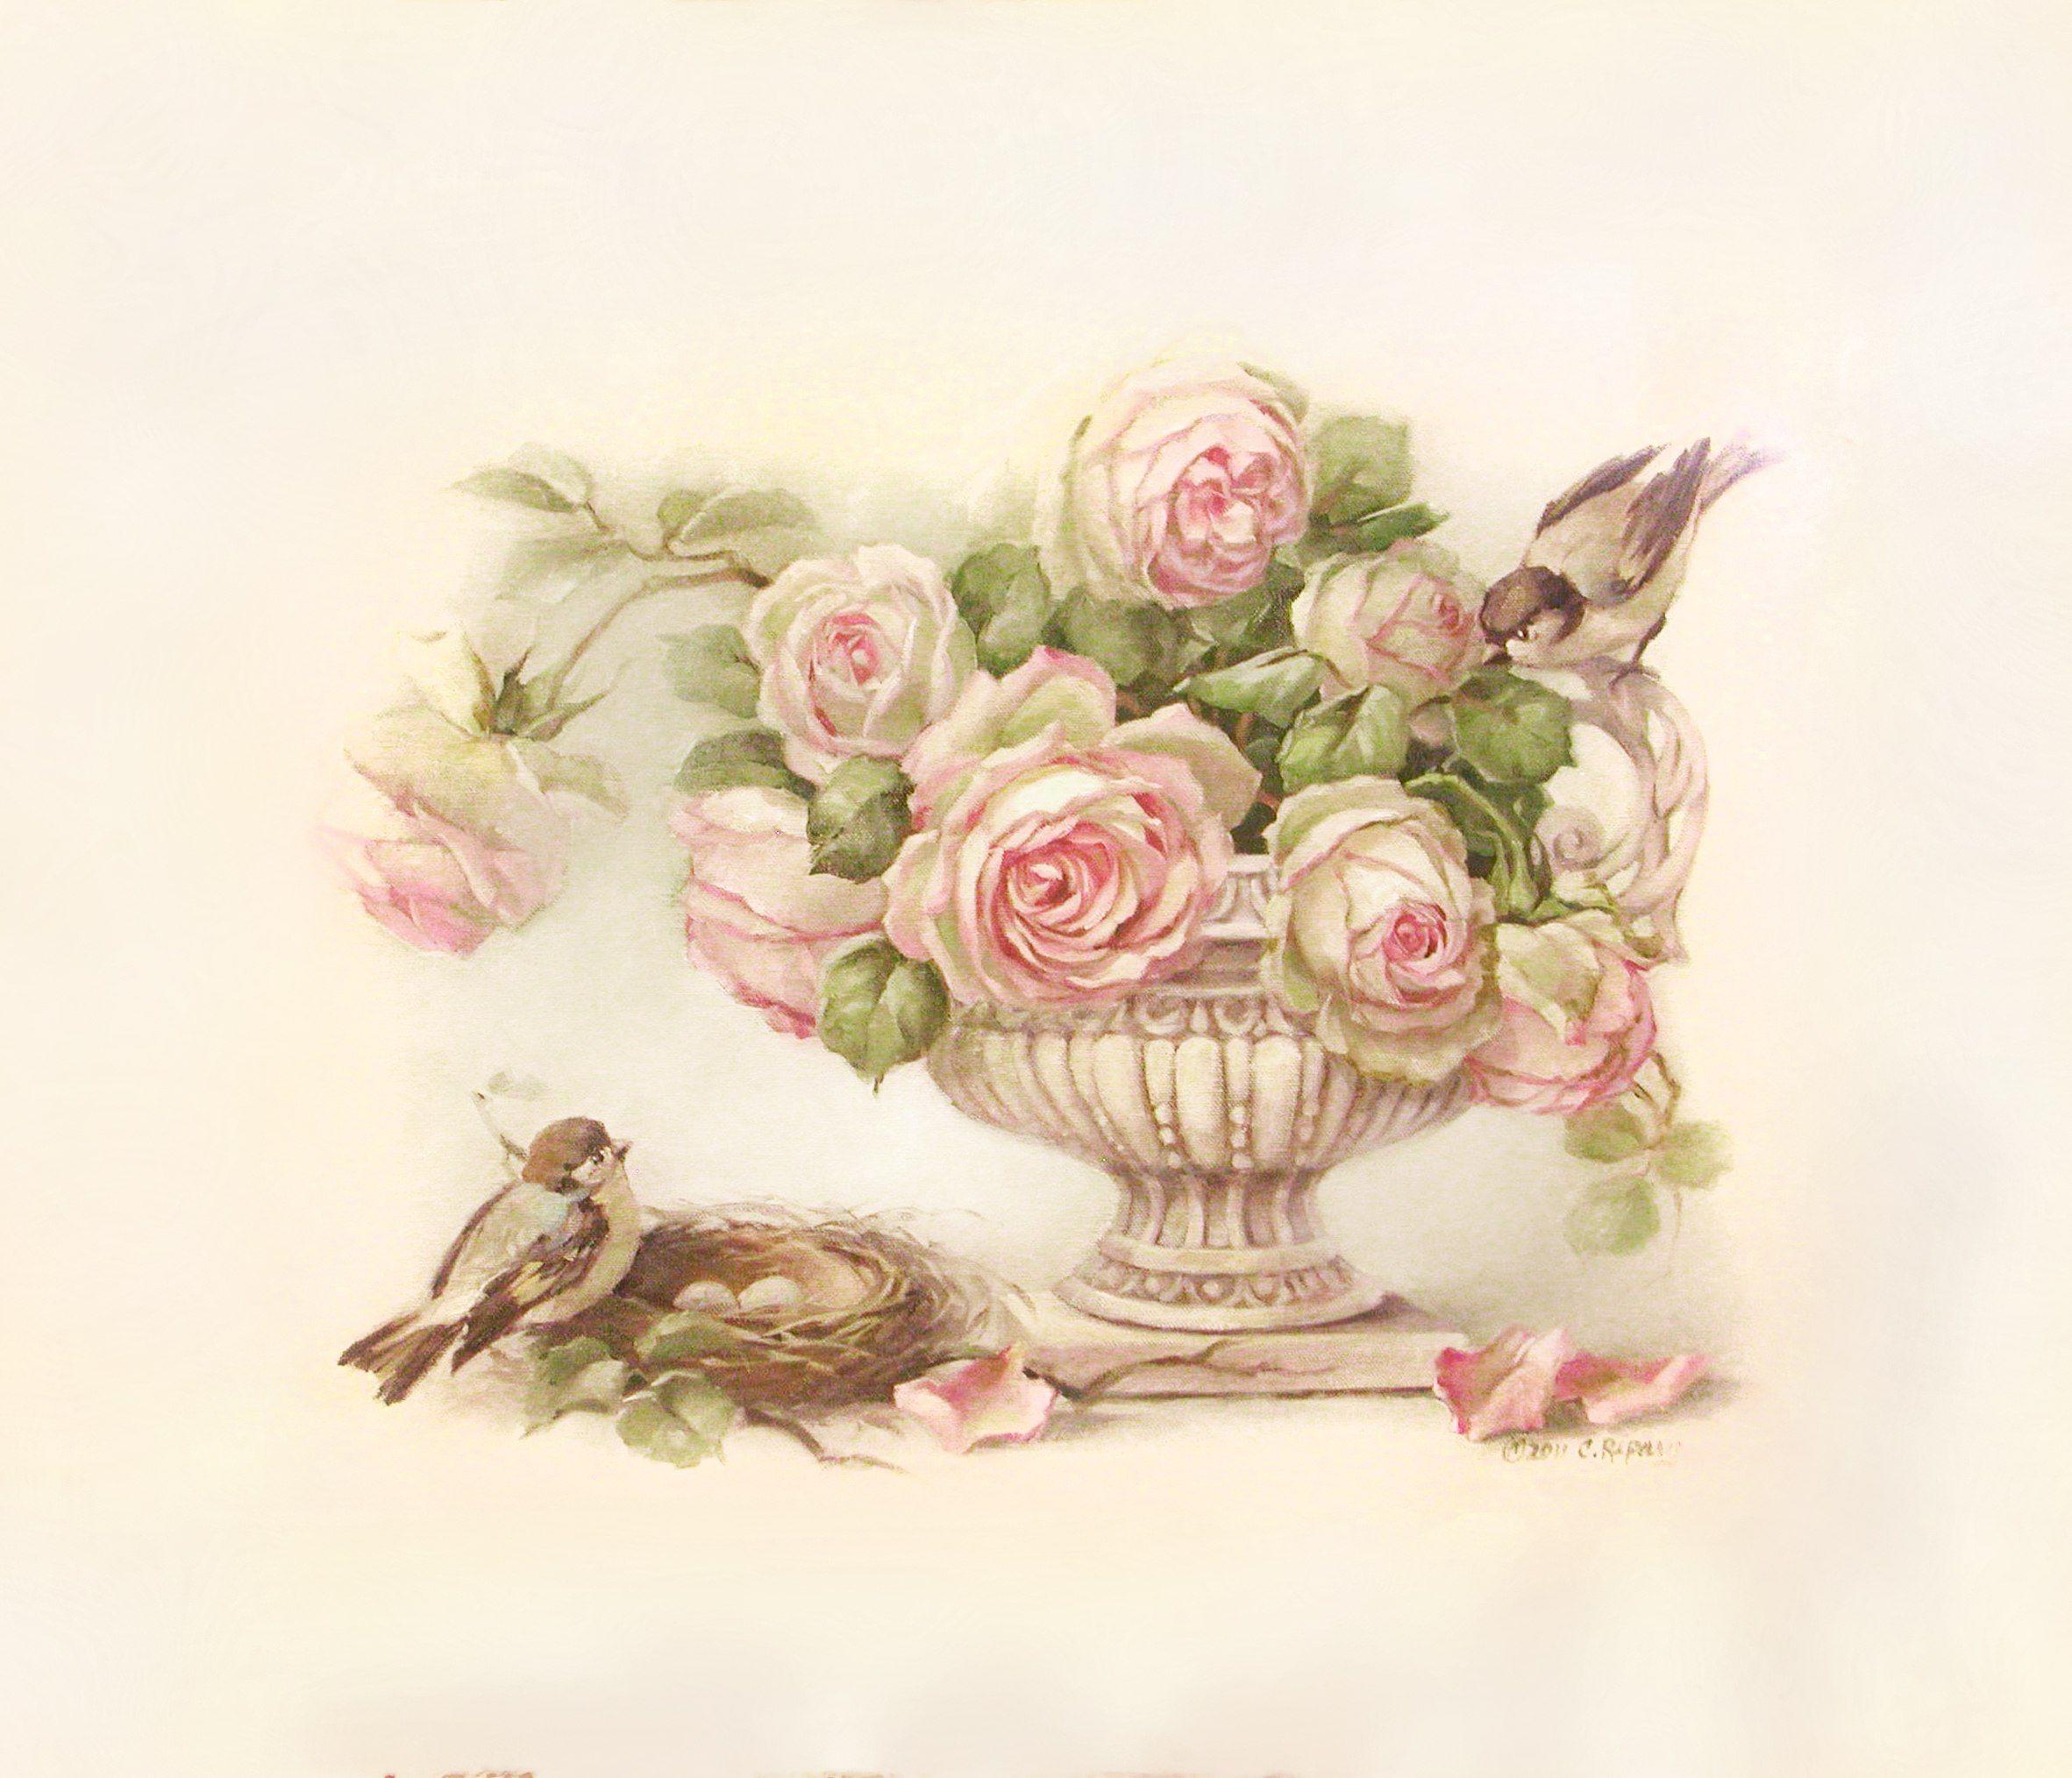 Картинки цветов в стиле винтаж